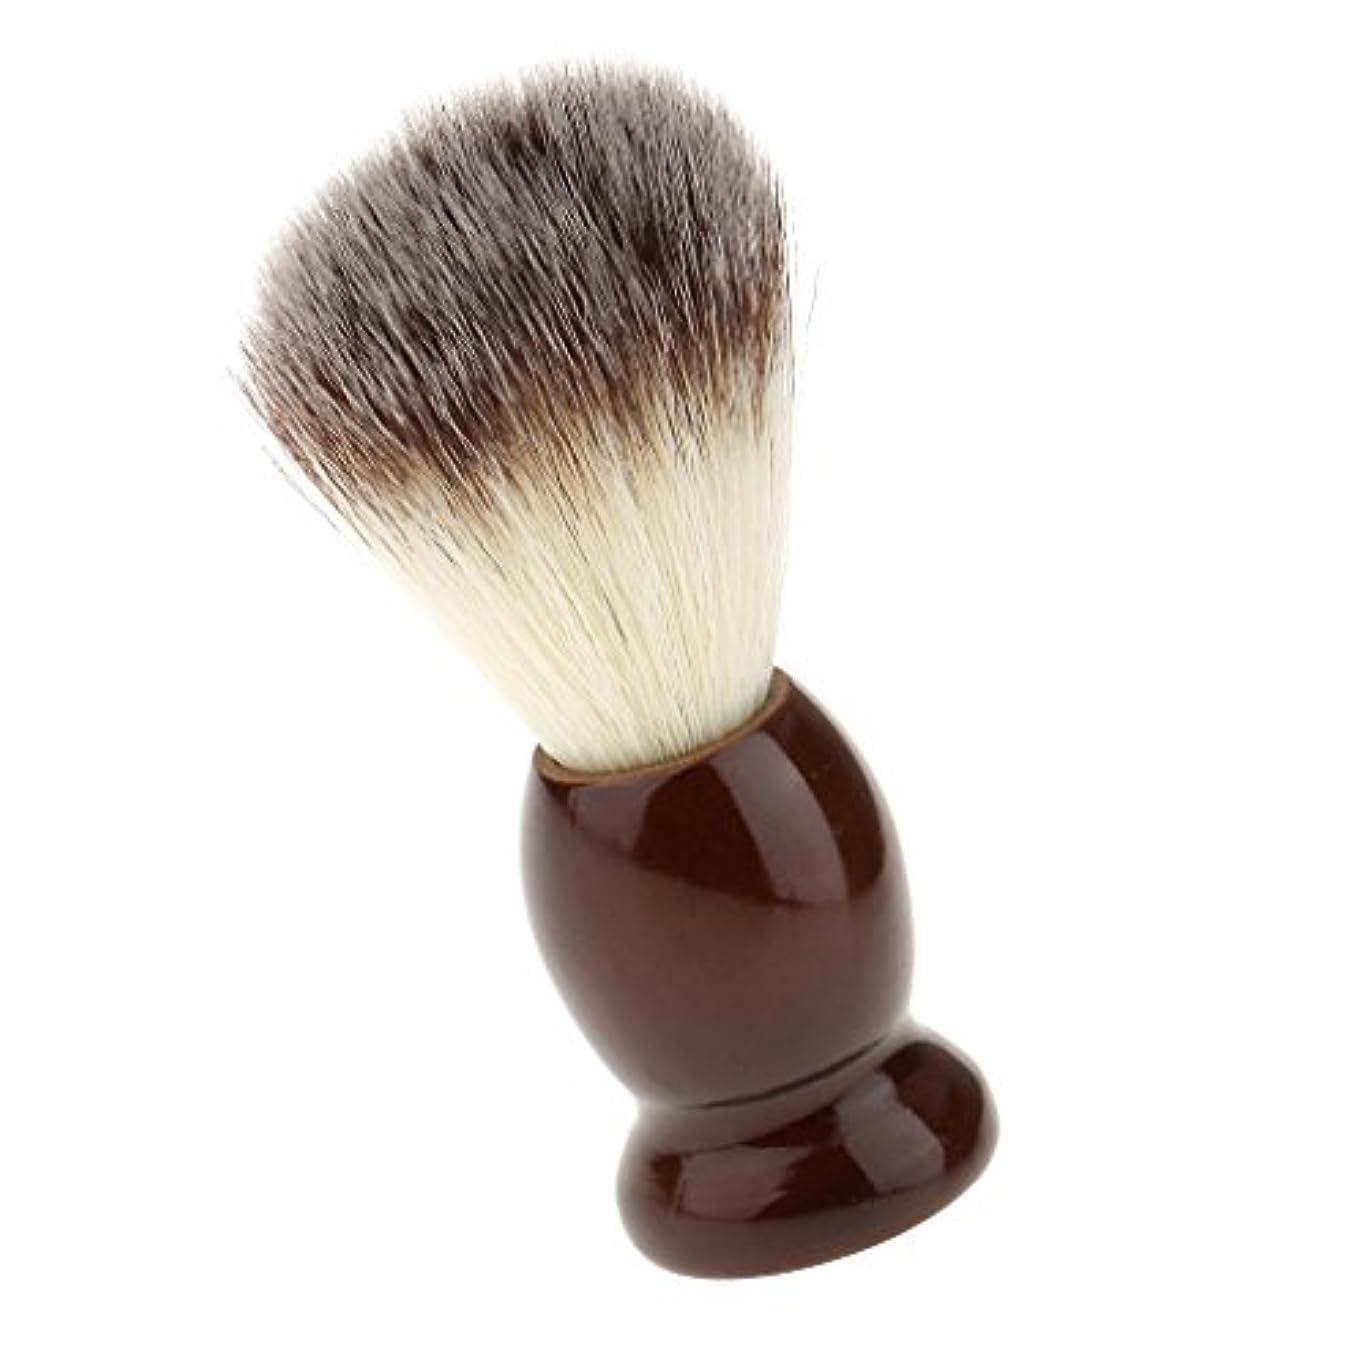 主にファックスランクSONONIA ナイロン製 シェービングブラシ サロン 柔らかい 髭剃り 洗顔 理容   便携 10.5cm  ブラウン